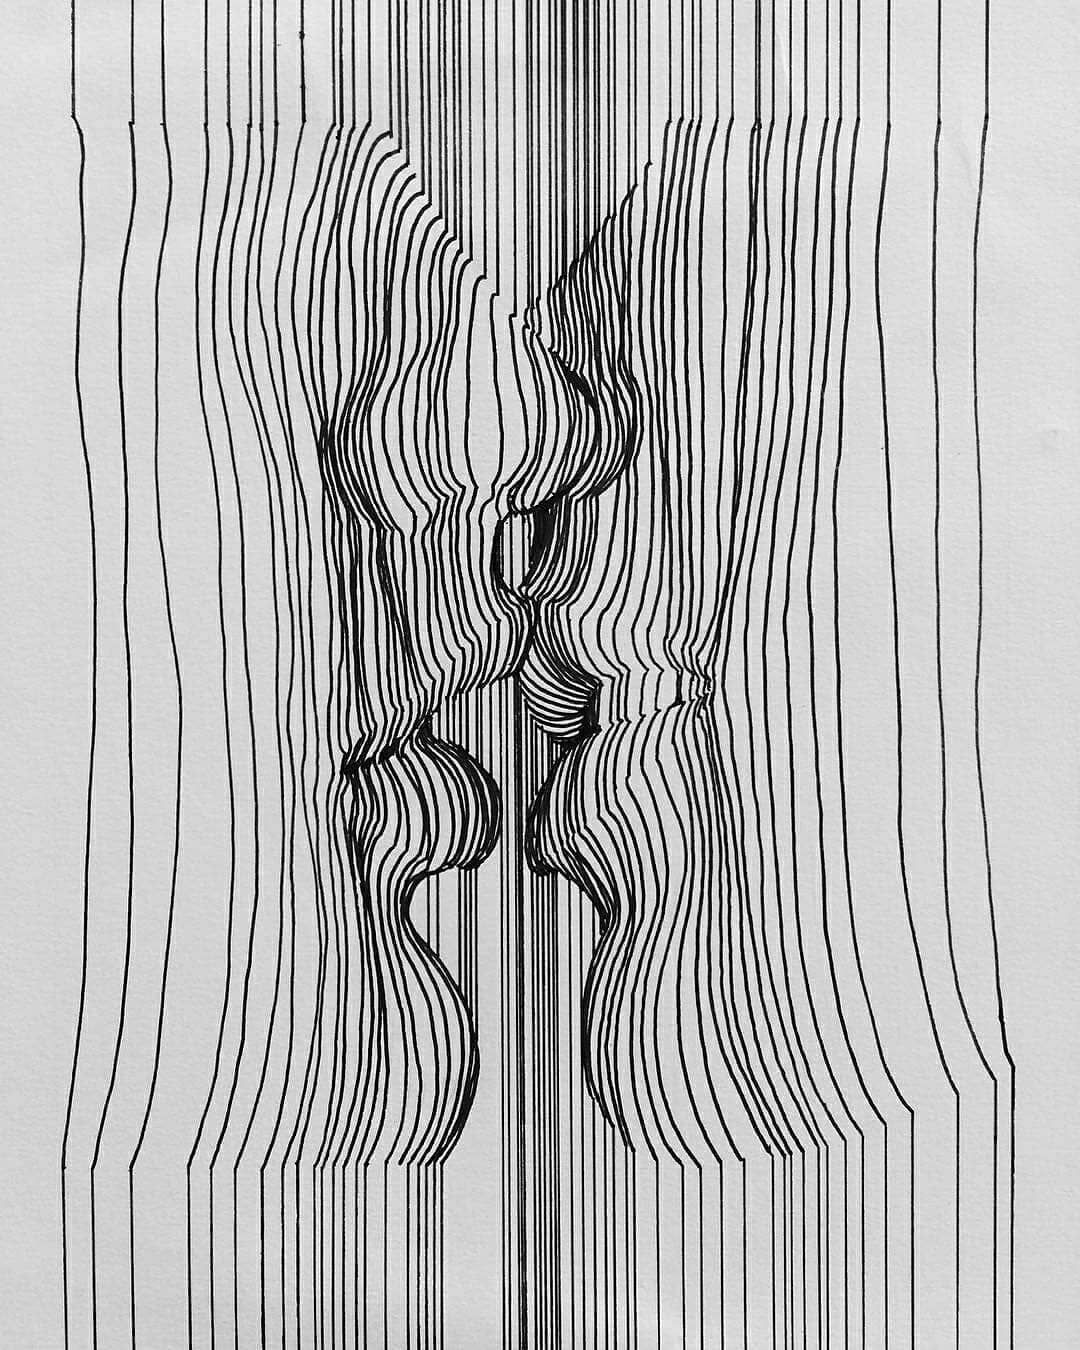 рисунки из линий карандашом толстые и тонкие коомменты